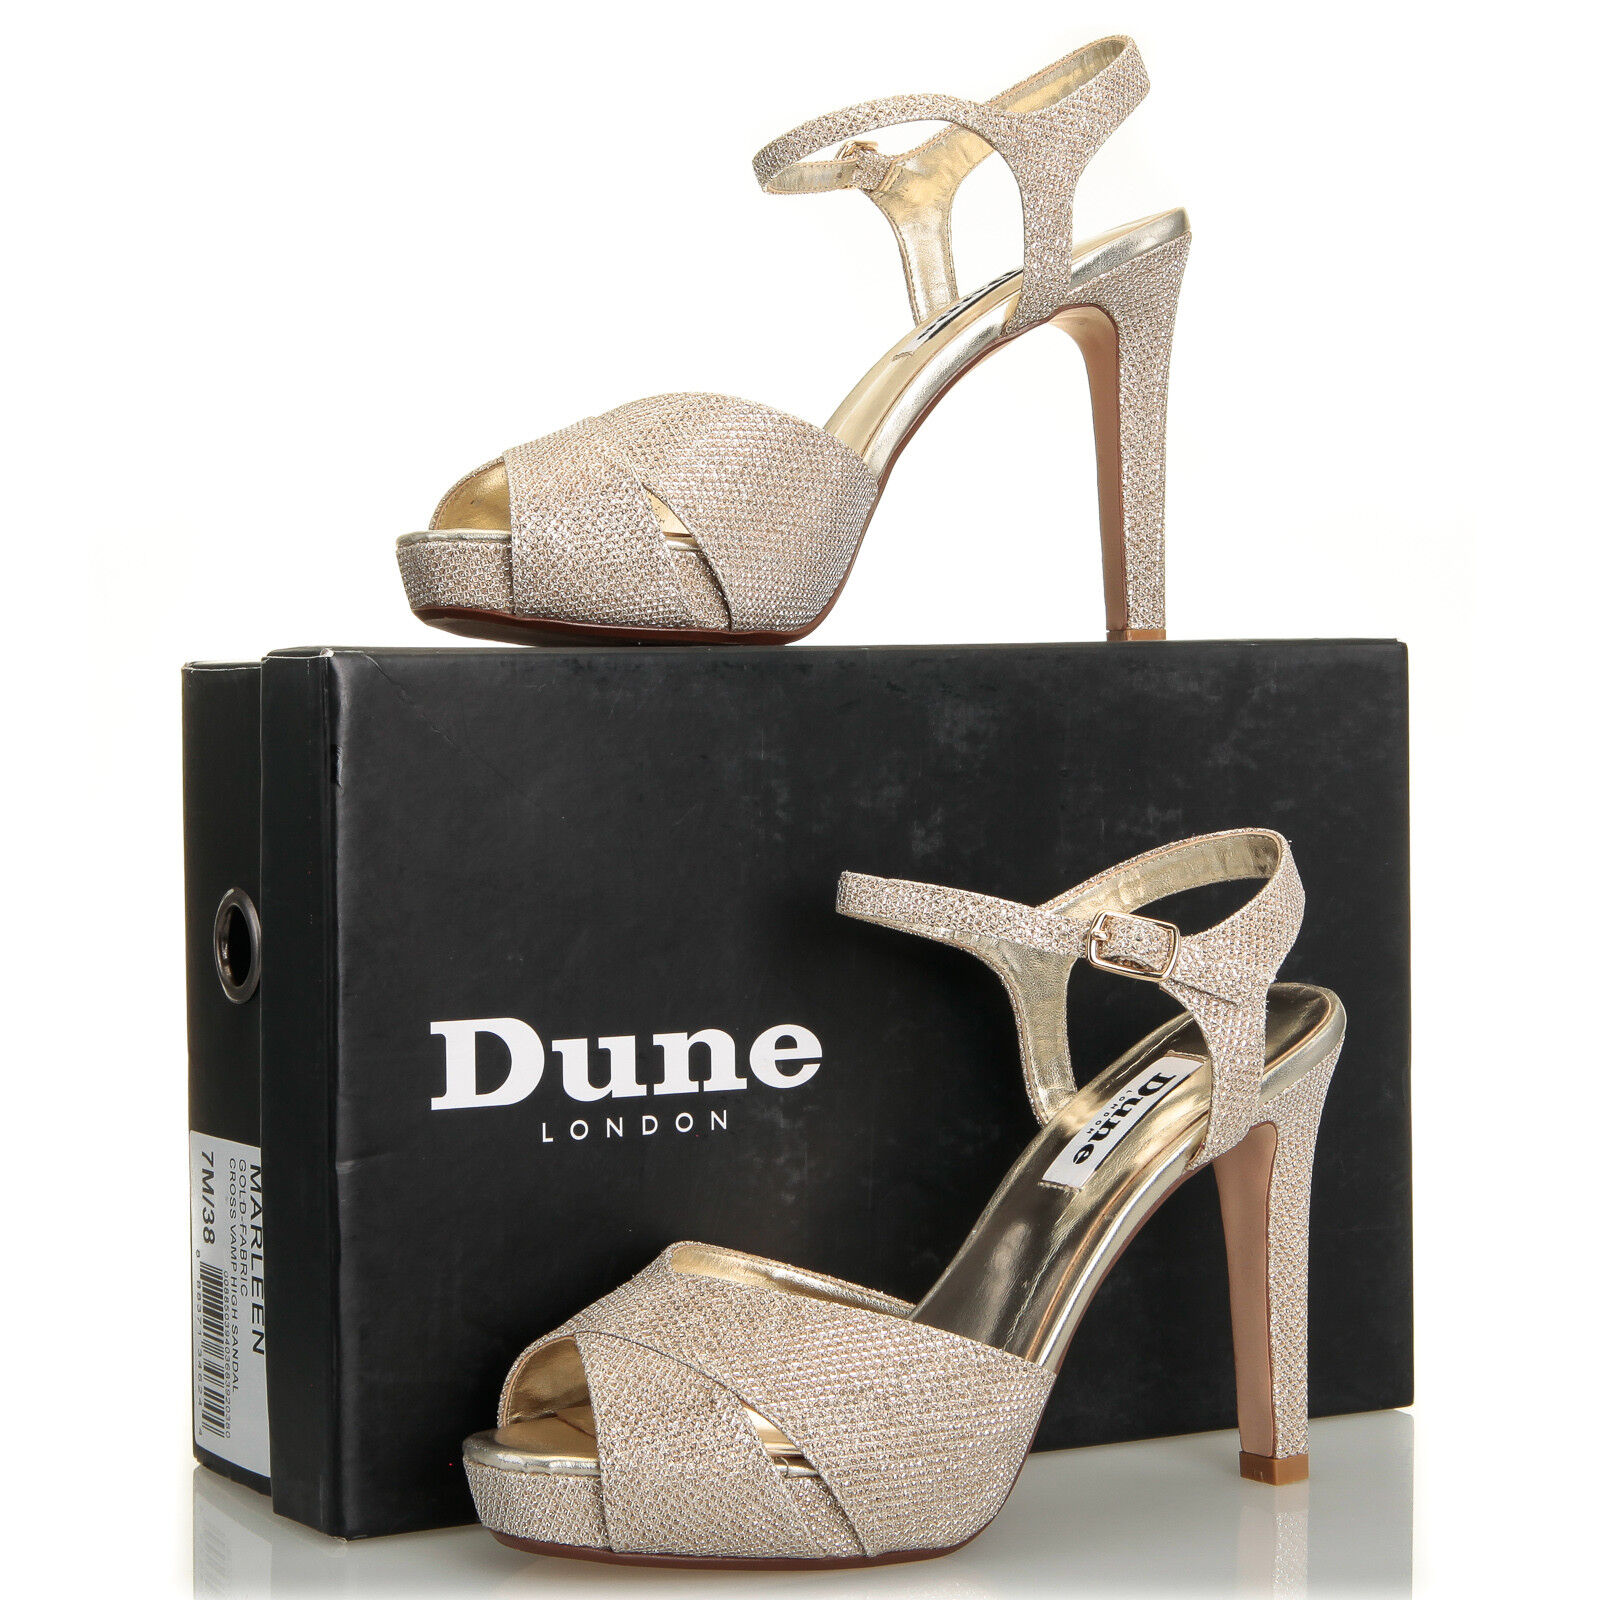 Dune London Marleen Crossover Strap Gold Heel Sandale - Größe 7 M (38 EU)